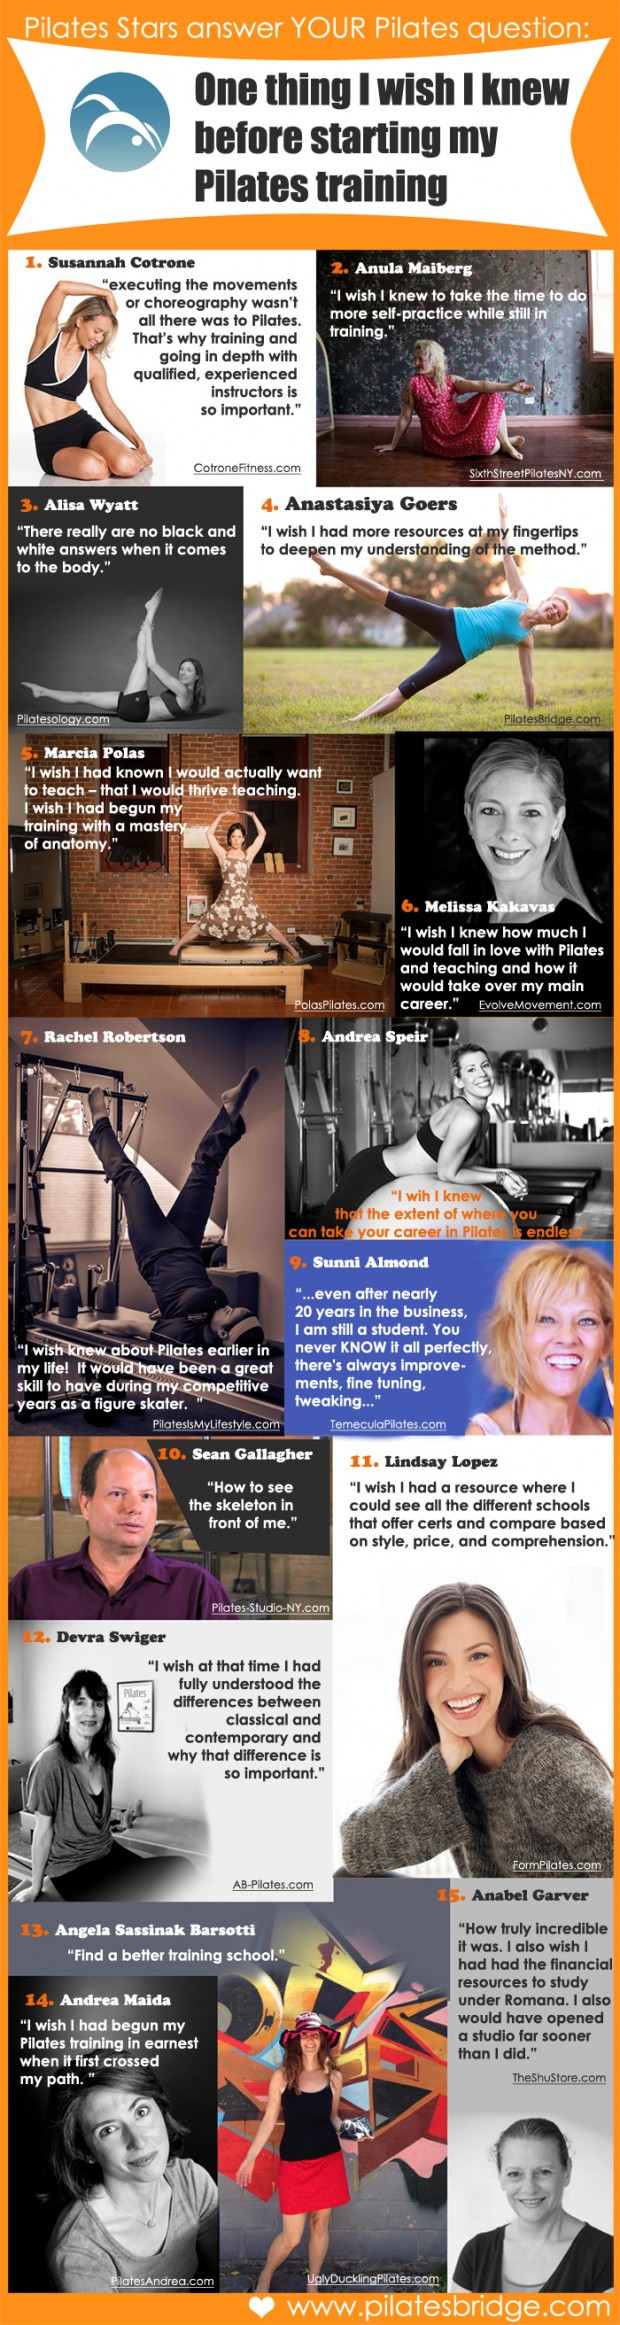 Pilates teacher Training Advice